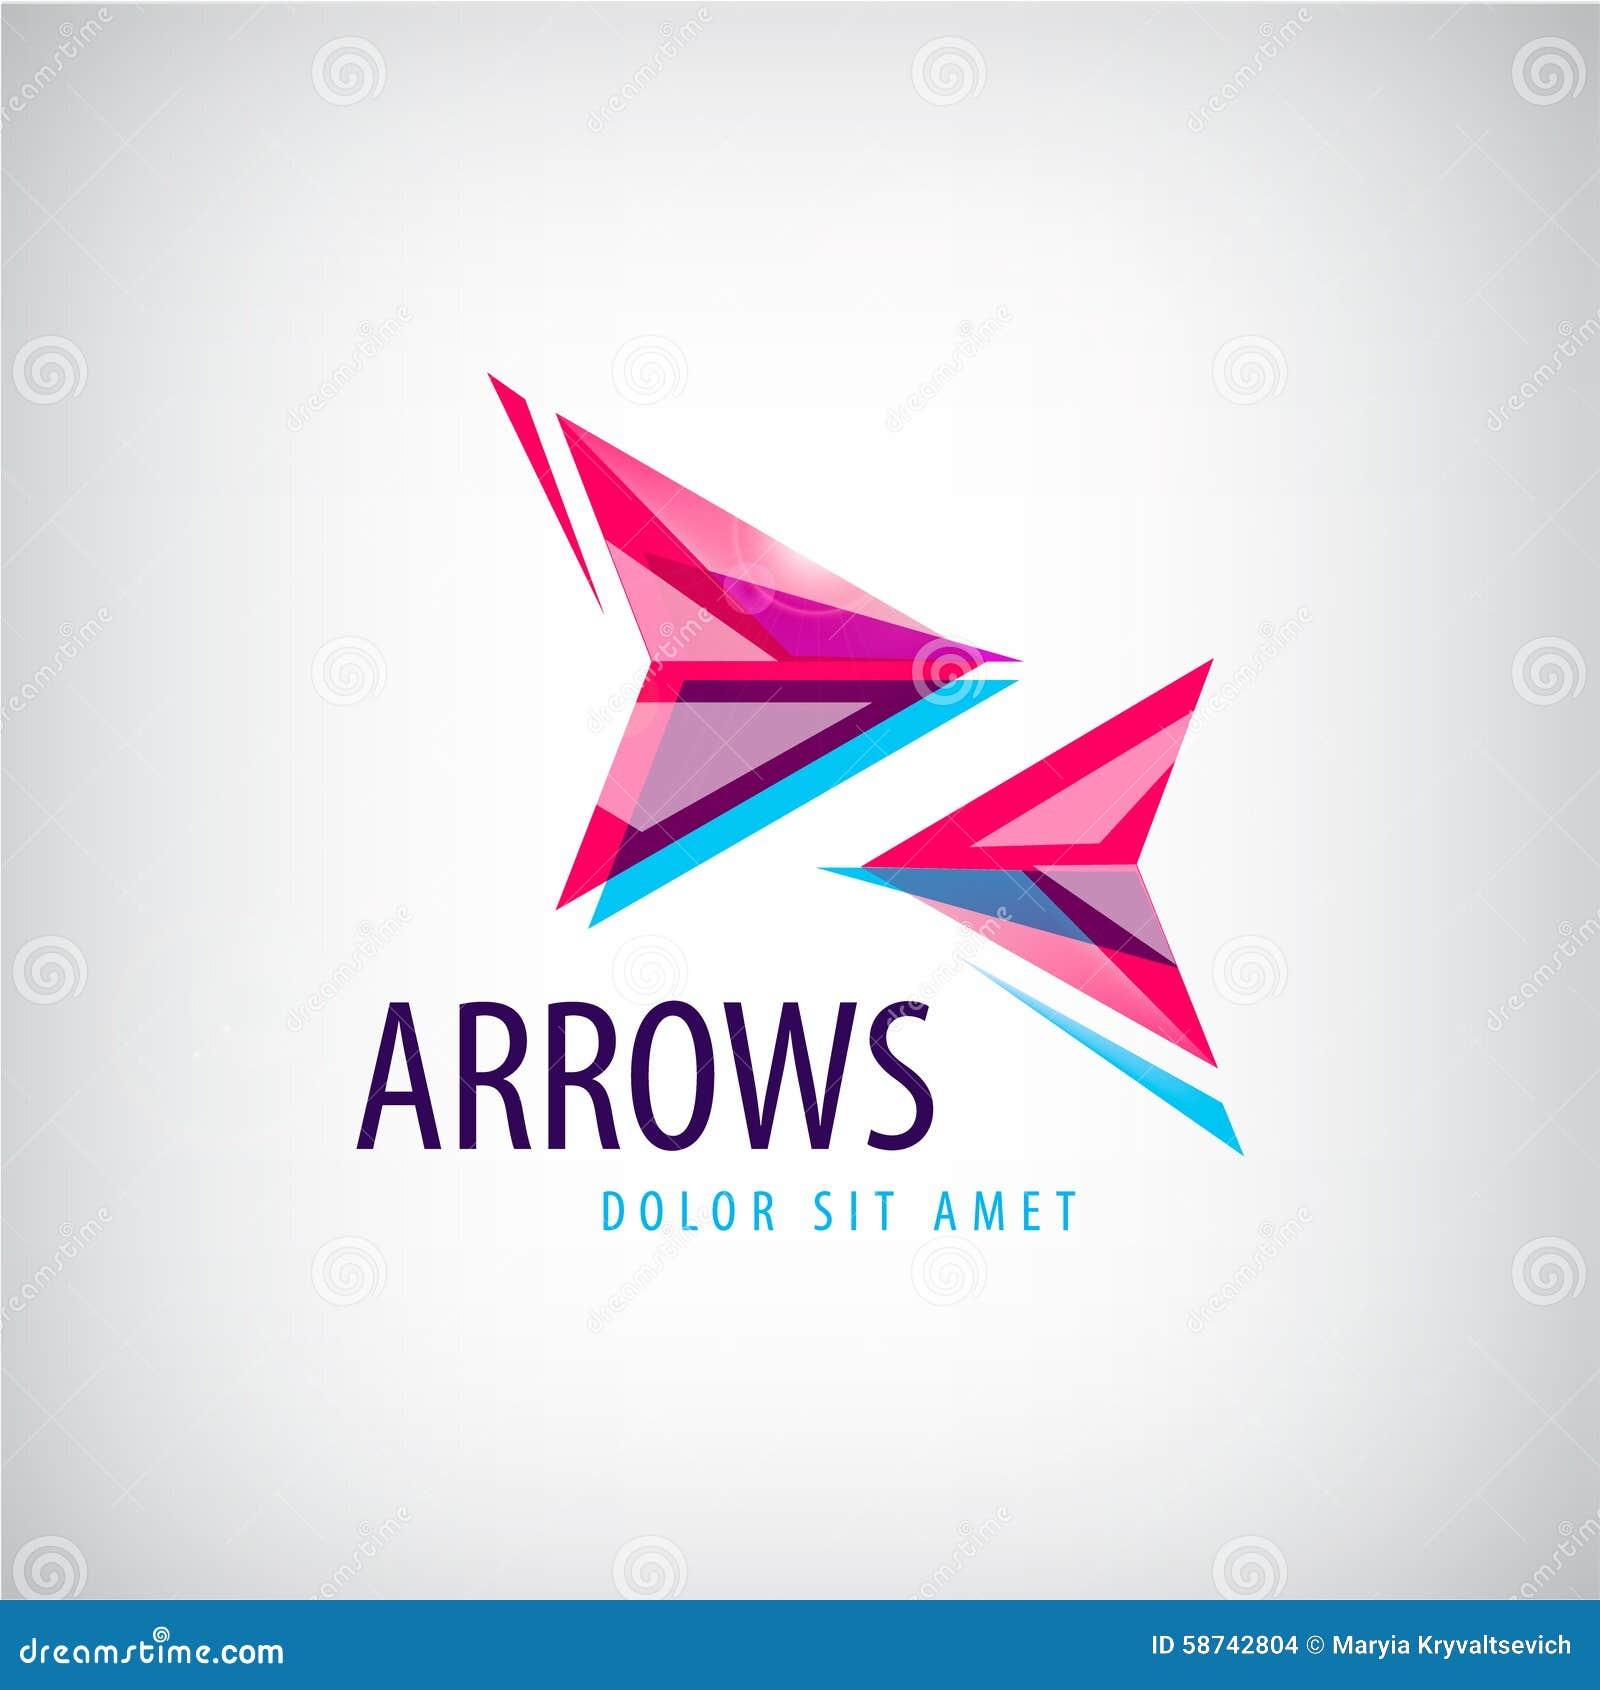 arrows logo vector - photo #21